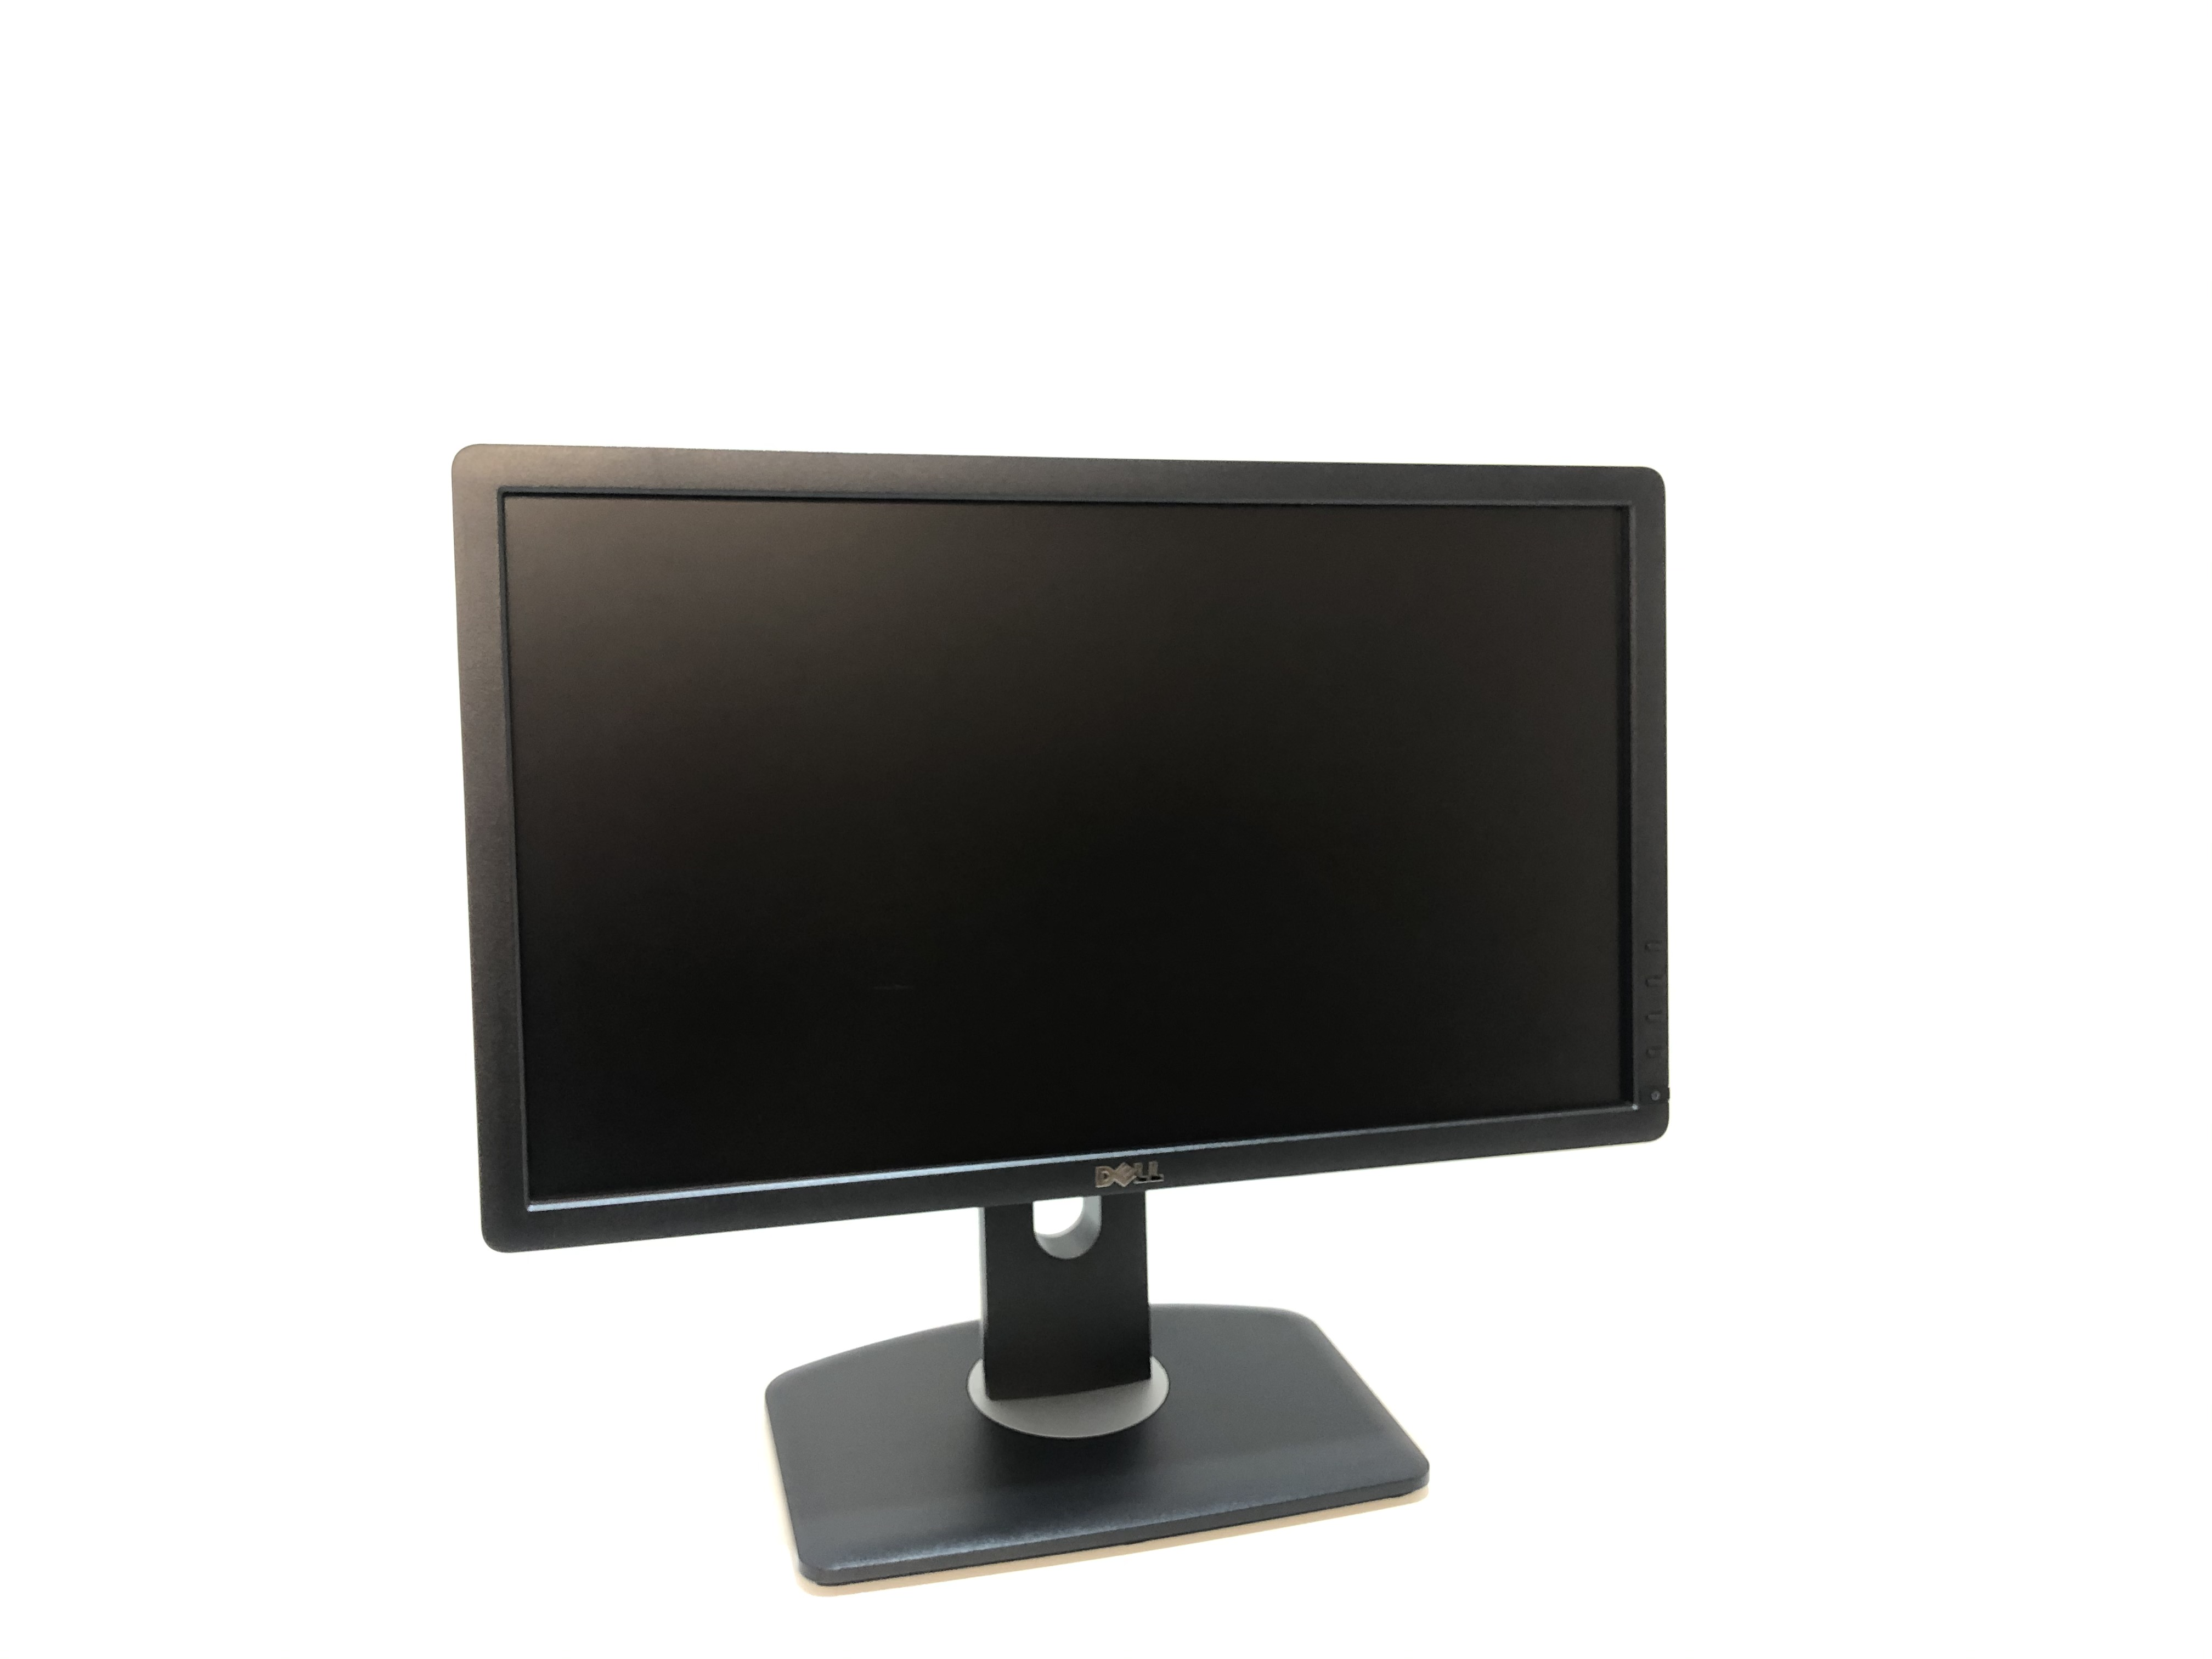 Dell-P2012Ht - 161745